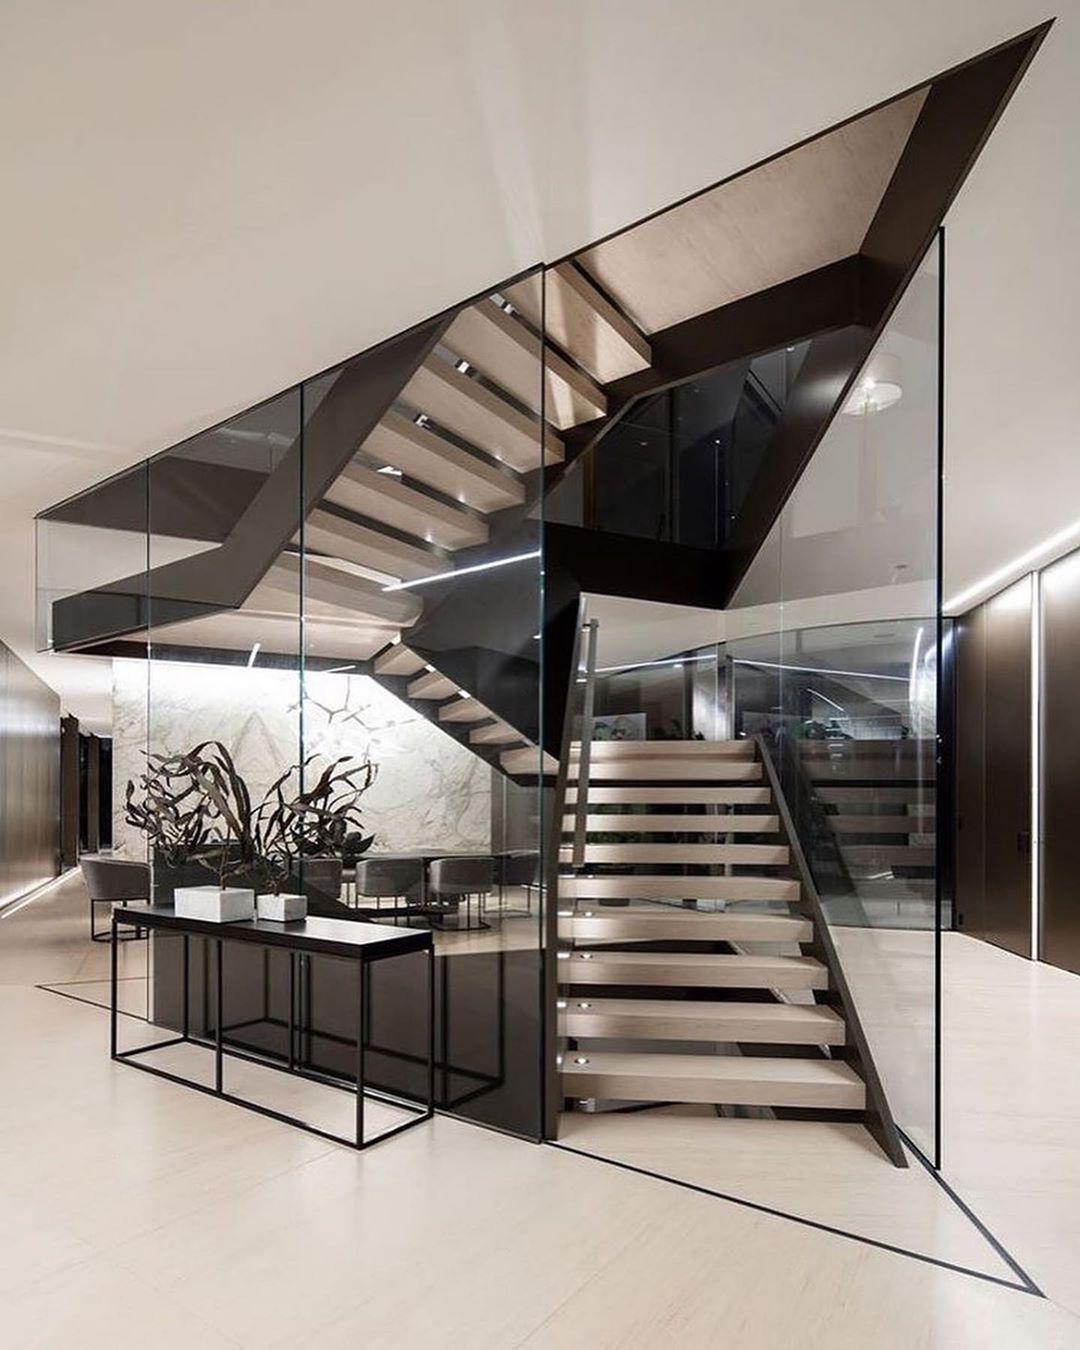 """Photo of Un ojo dentro de la arquitectura en Instagram: """"Diseño moderno de escalera. Pensamientos? ¡Etiqueta a un amigo que debe ver esto! 😎🤩 Siga @studioantonini – © Crédito al propietario / fotógrafo / diseñador (no … """""""